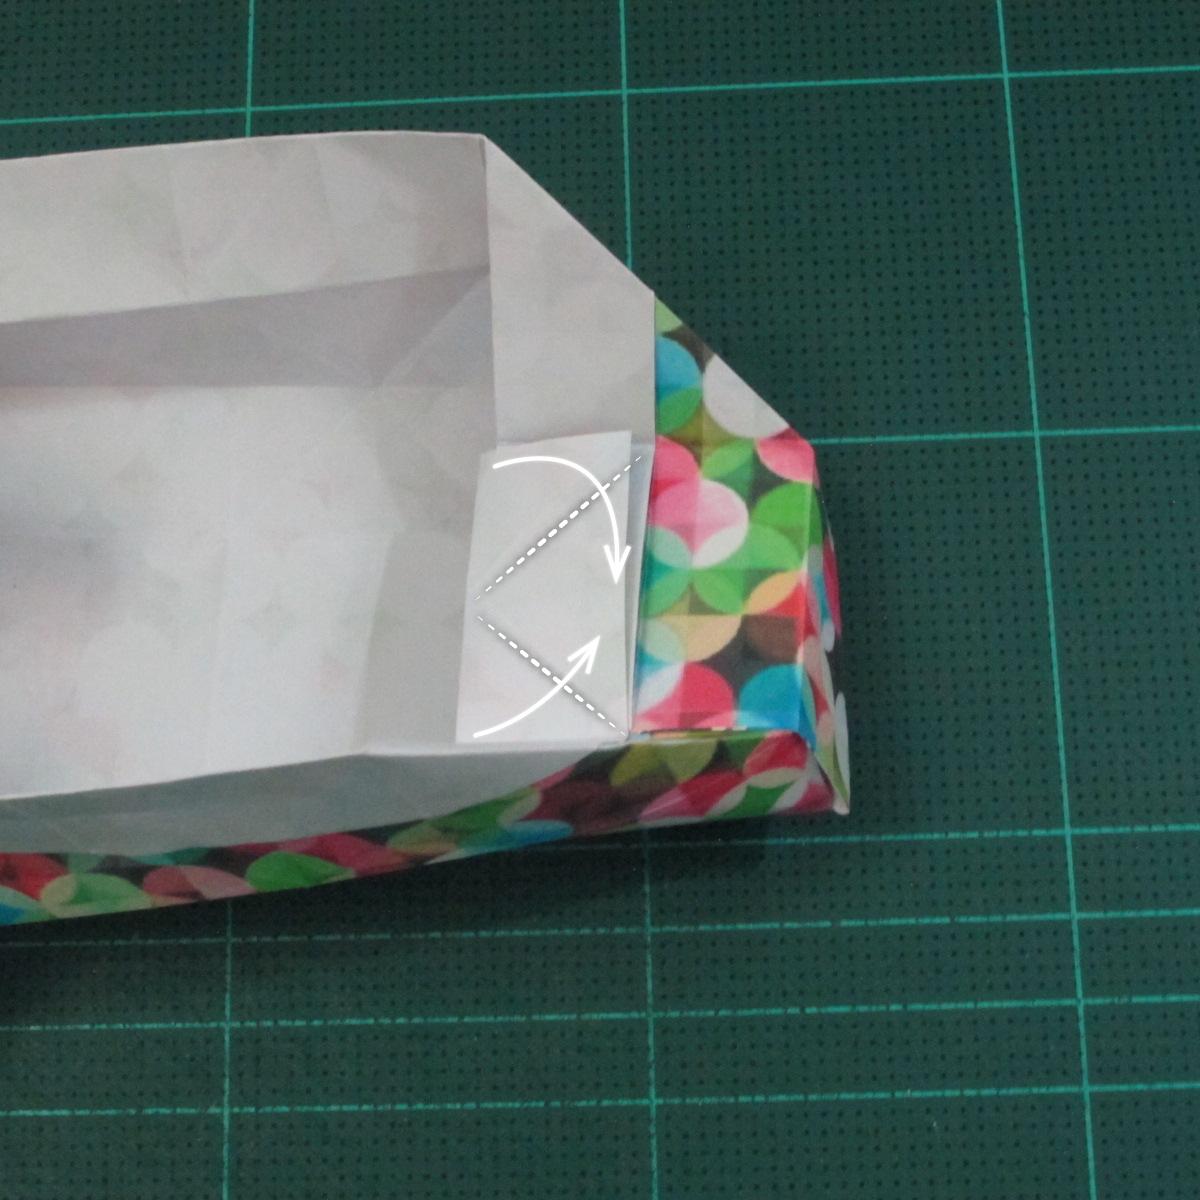 วิธีพับกล่องของขวัญแบบมีฝาปิด (Origami Present Box With Lid) 025